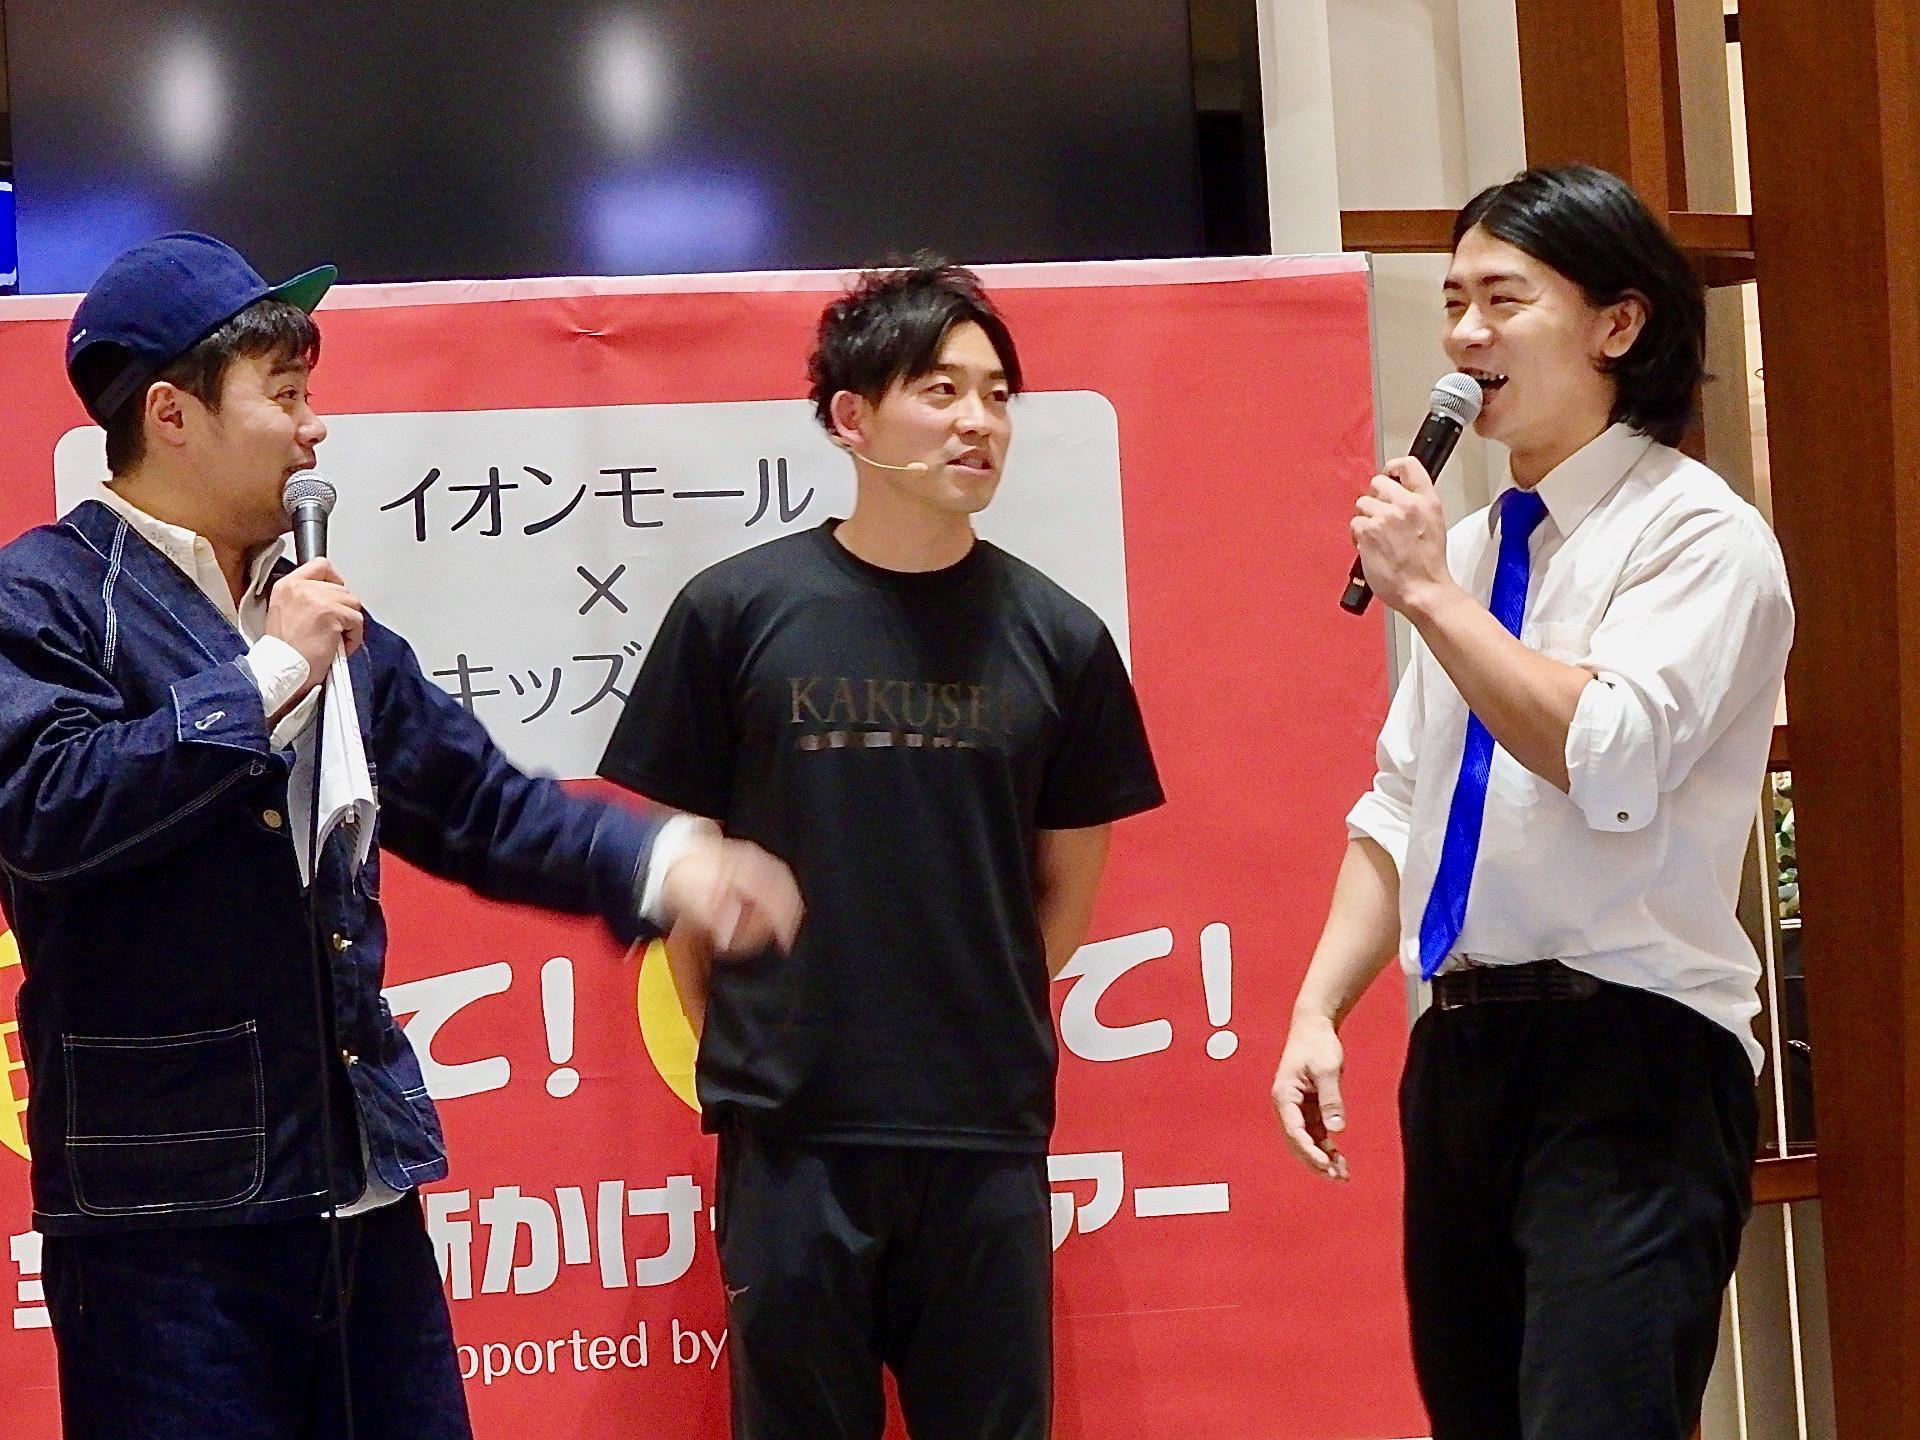 http://news.yoshimoto.co.jp/20180211194941-56eaa3679ff74092d6b1e9961a004e0ca1da59b4.jpg